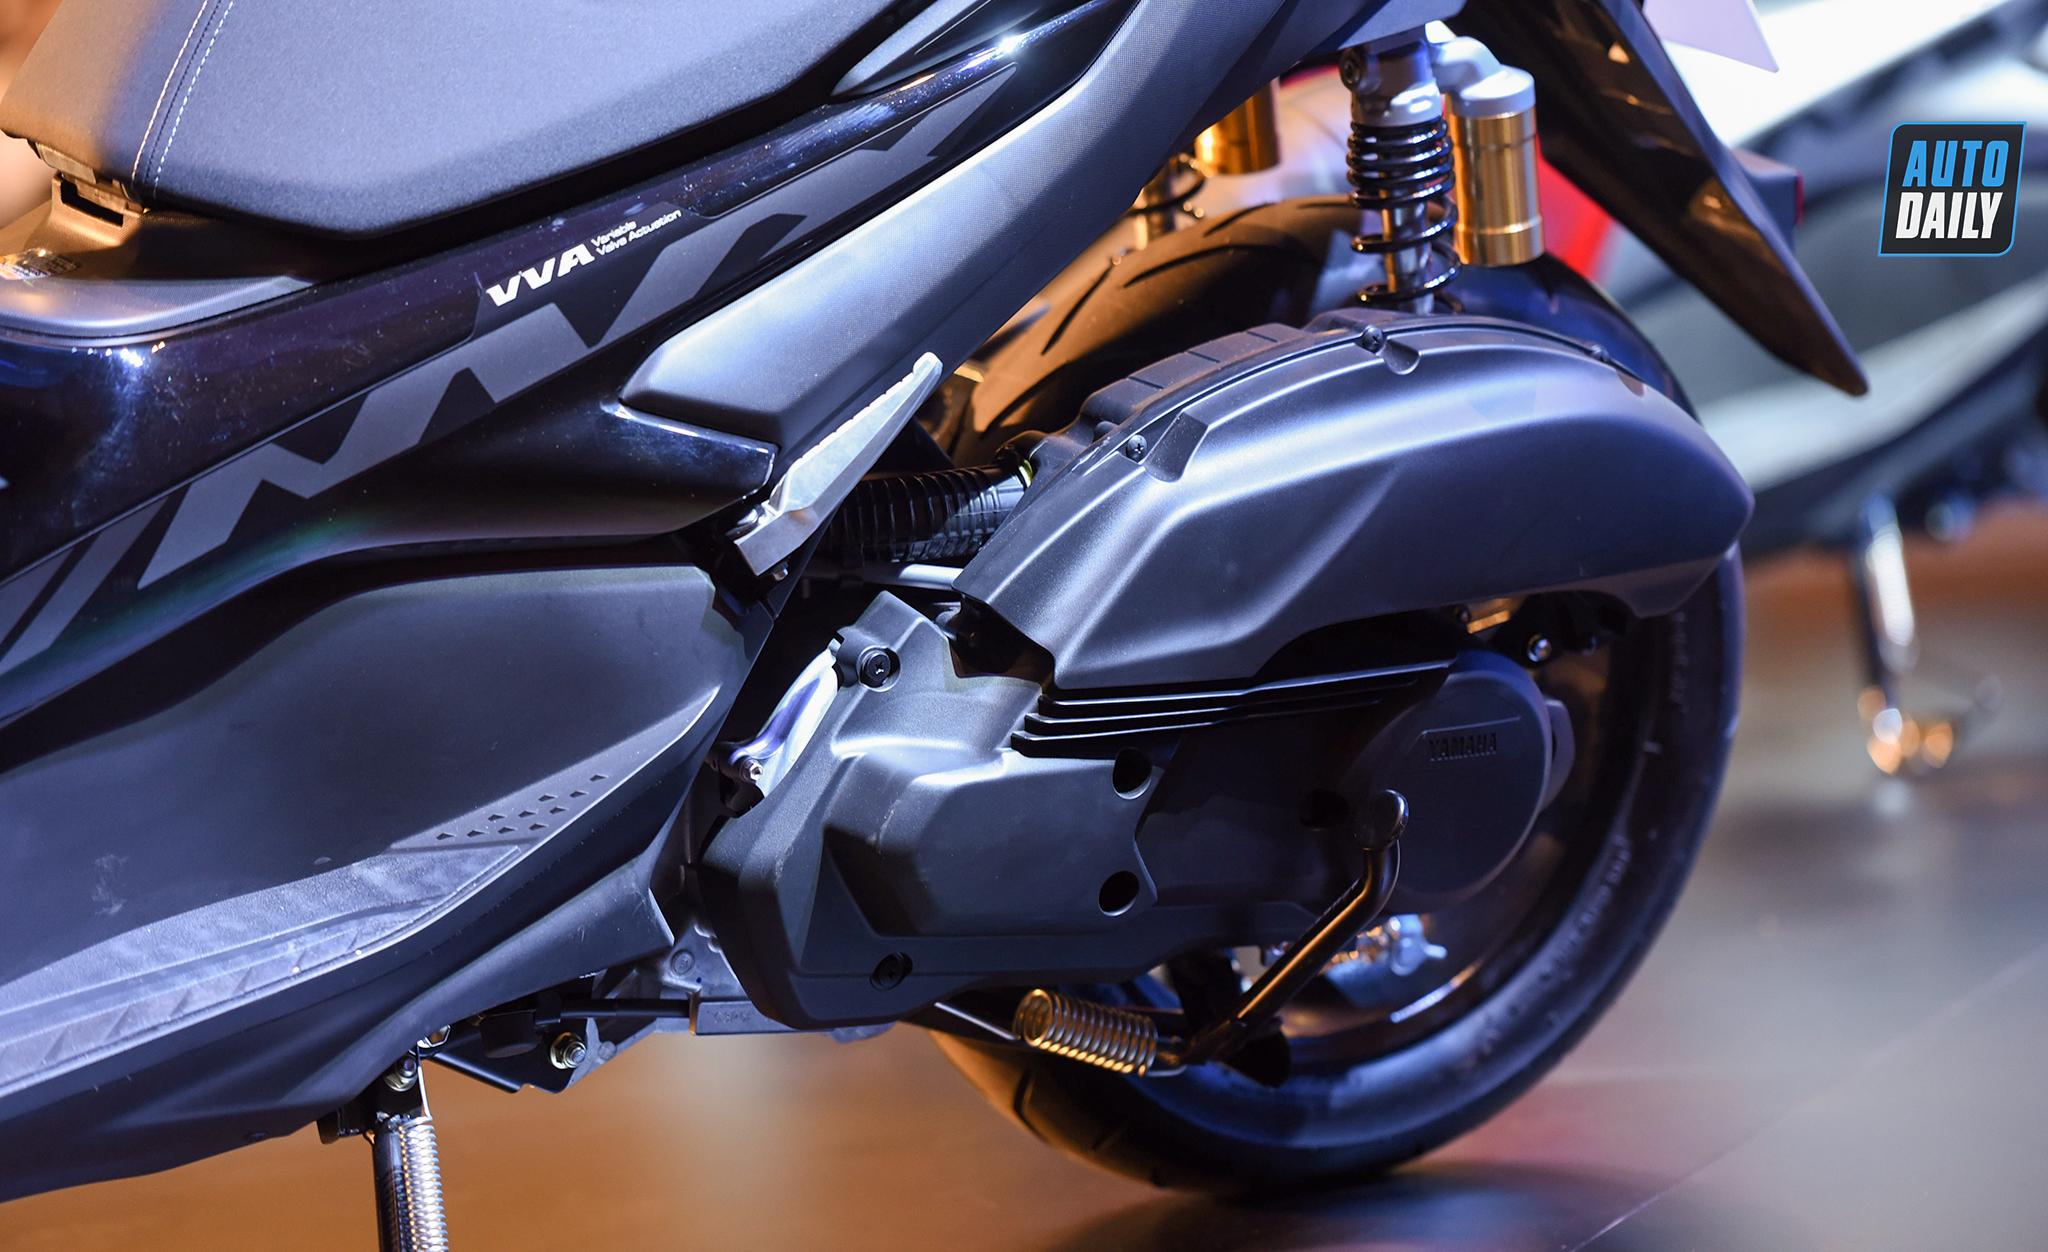 Yamaha NVX 155 VVA 2021 ra mắt, giá không đổi dsc-5521-copy.jpg